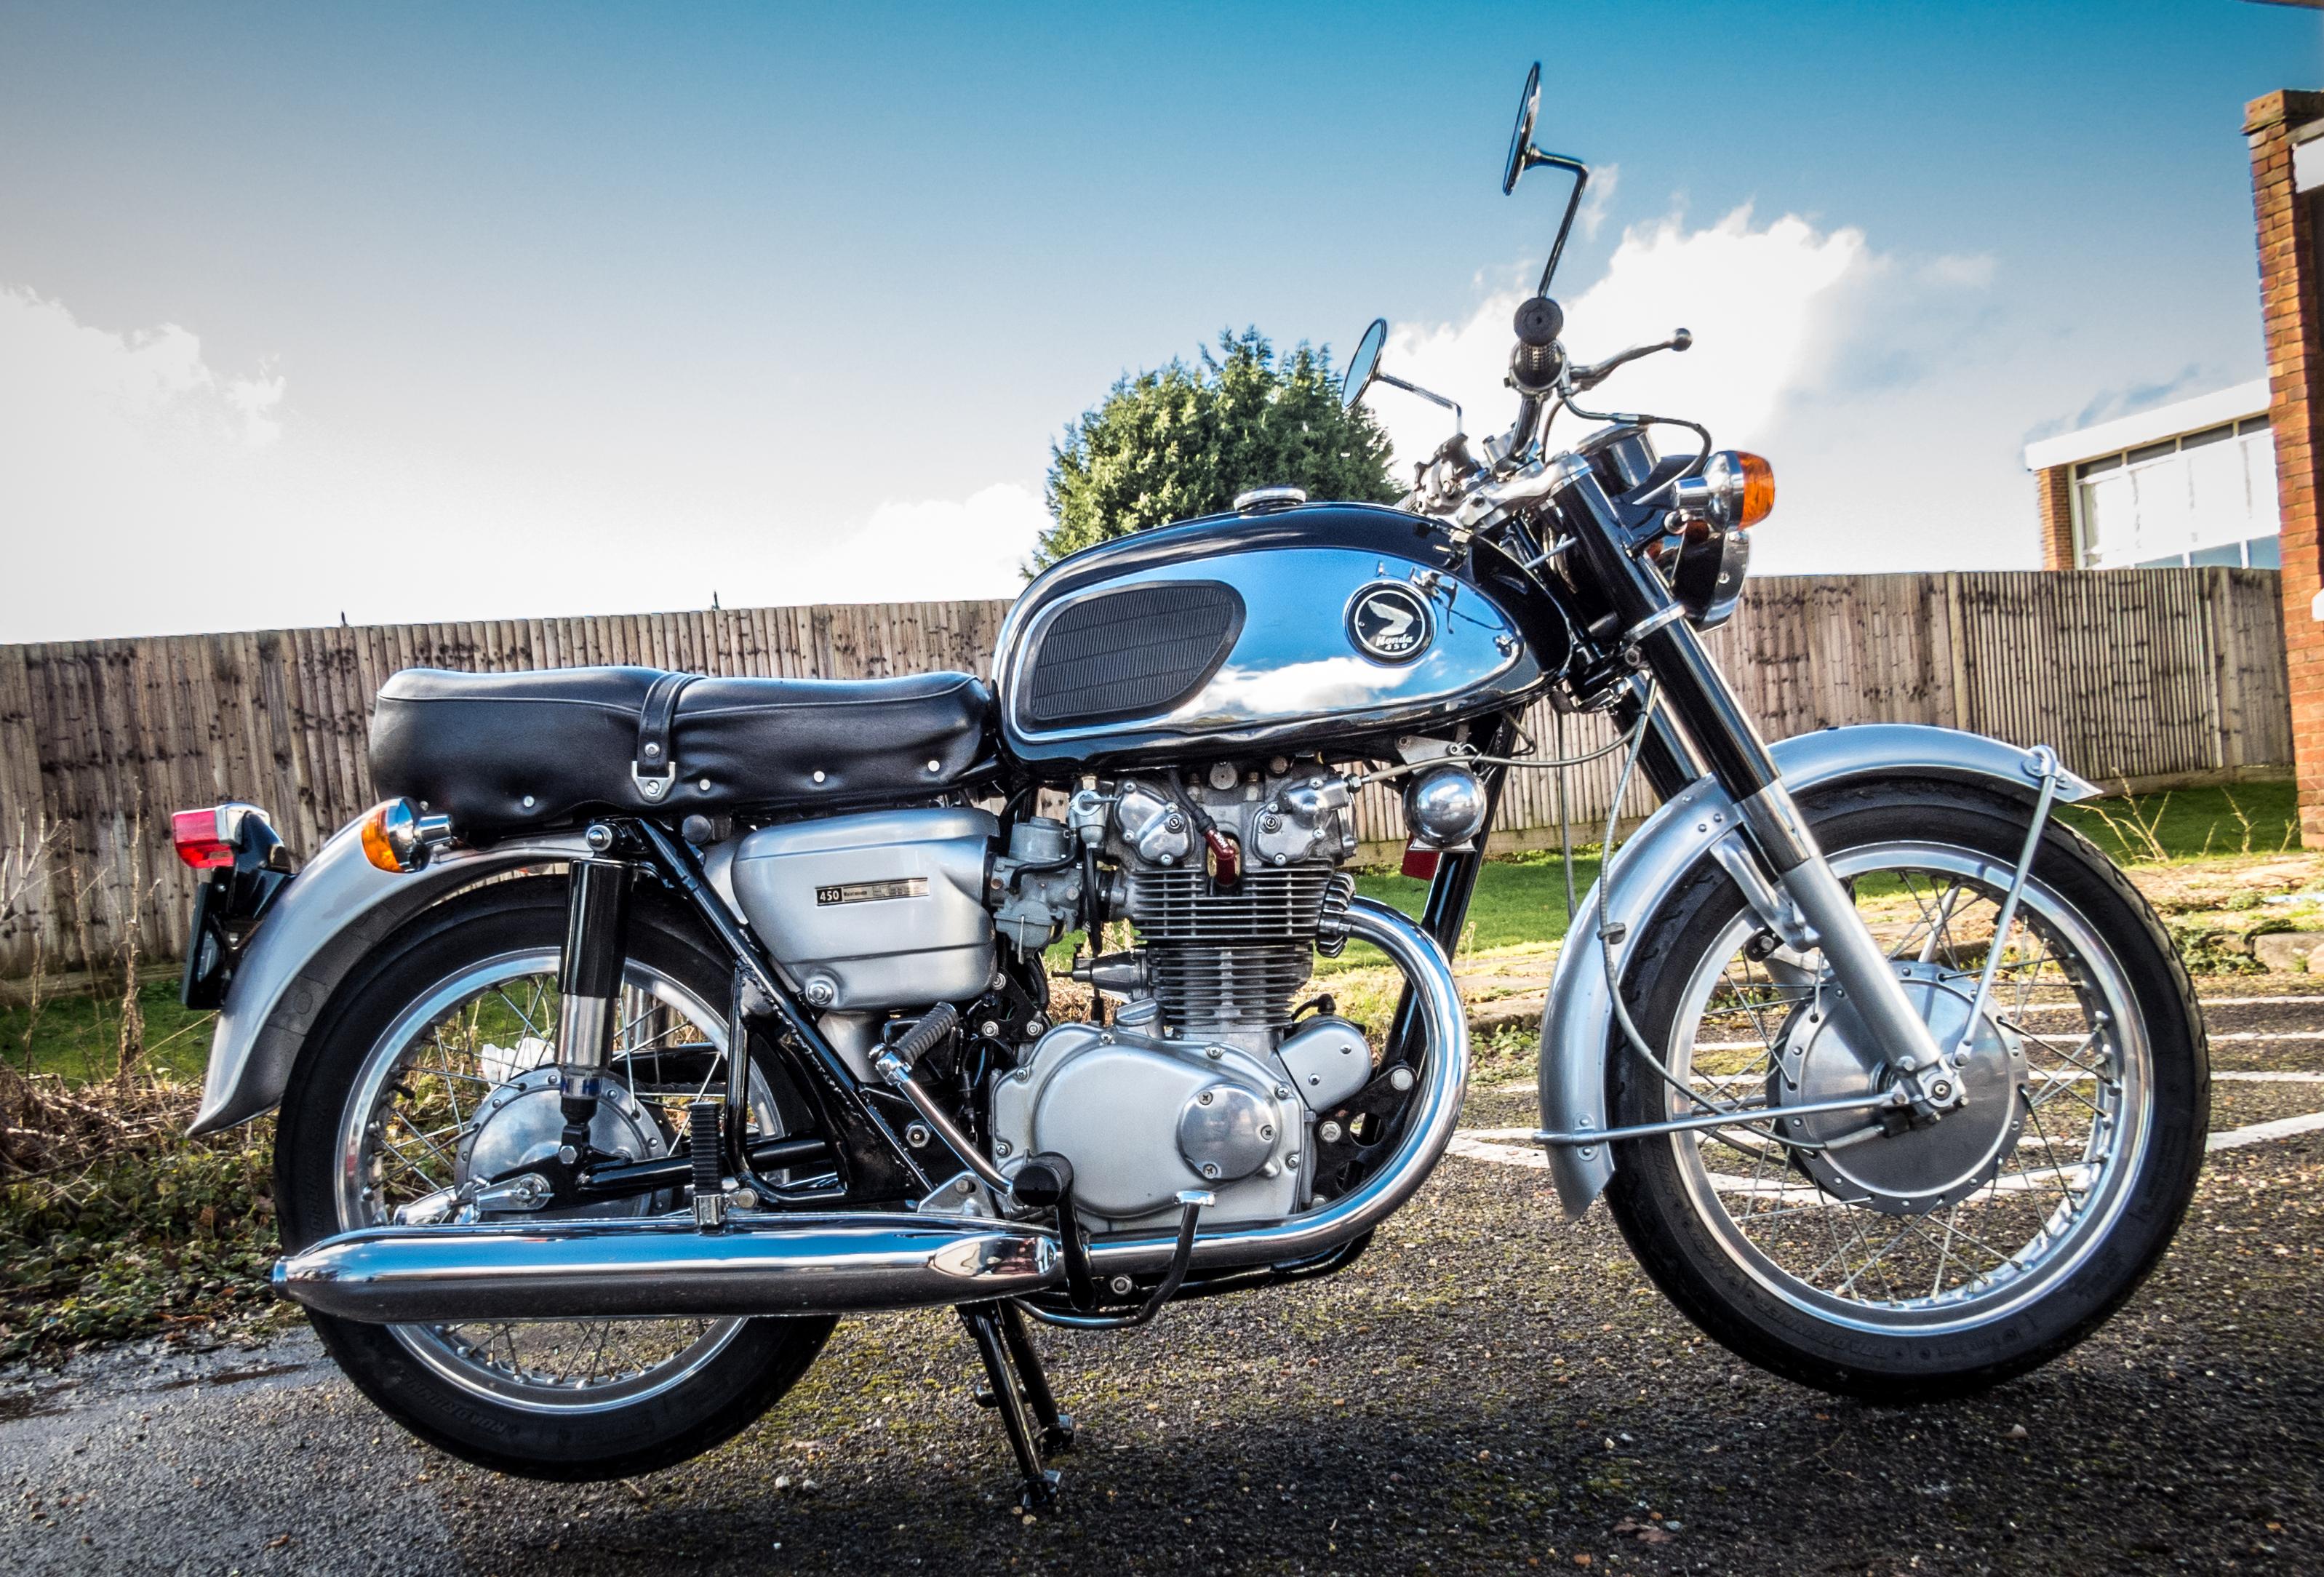 1968 Honda CB450